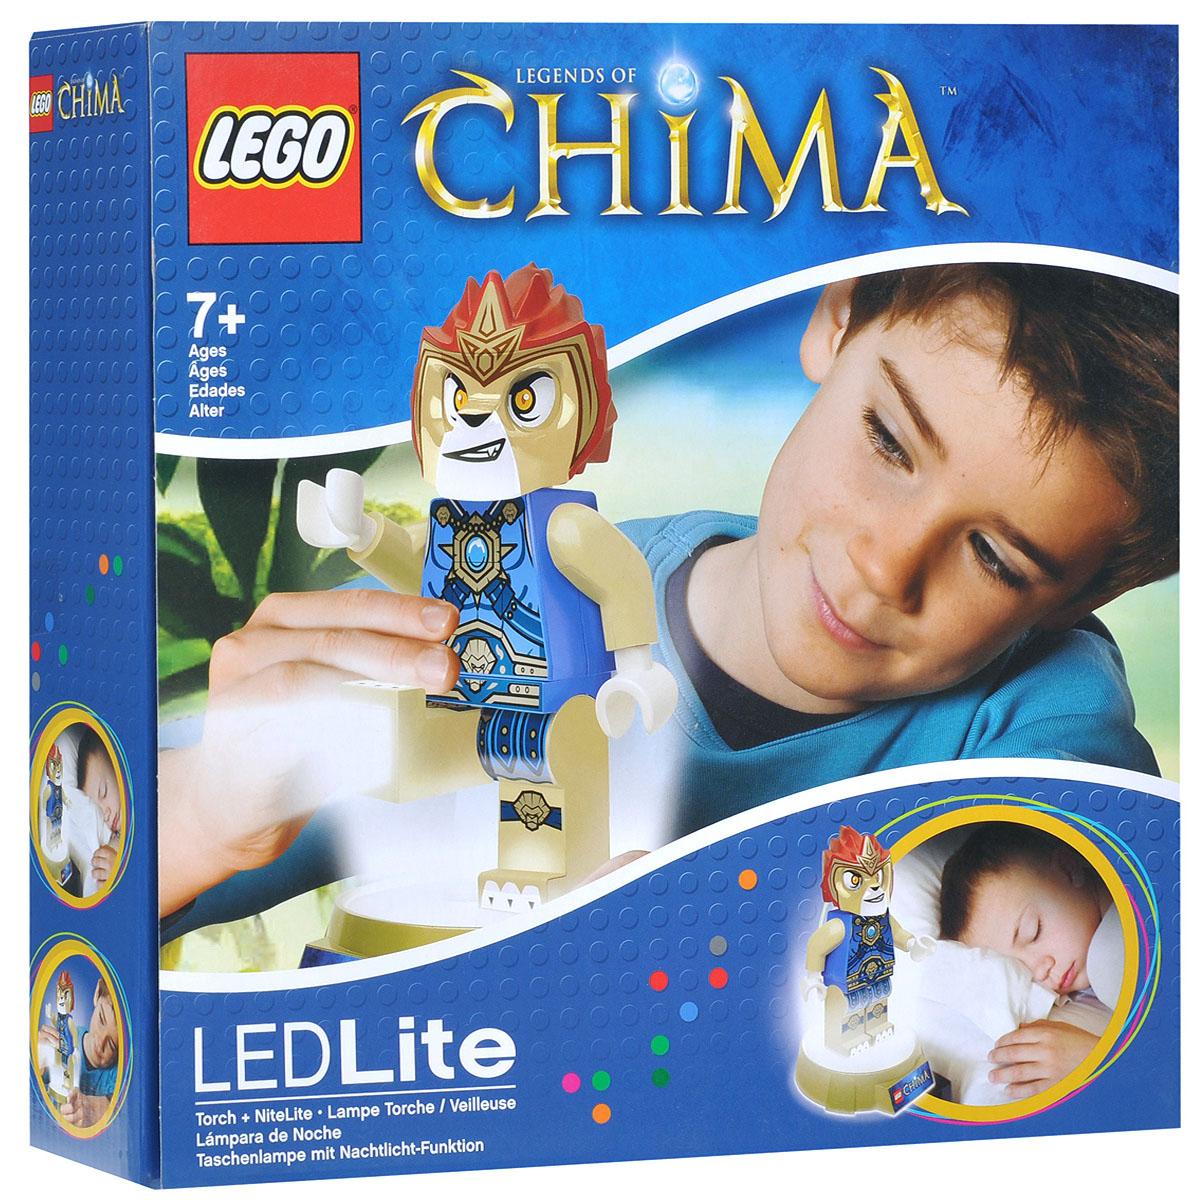 LEGO: Фонарик-ночник Chima: Laval LGL-TOB15LGL-TOB15Фонарик-ночник LEGO Chima Laval - обязательный атрибут детской комнаты. Его мягкий свет успокаивающе действует на малышей, которые боятся темноты, не напрягая детские глазки и не создавая излишнего светового излучения. При этом его света достаточно, чтобы легко ориентироваться в темноте. Ночник автоматически отключается через 30 минут. Фигурка снимается со светящейся базы, благодаря чему ее можно использовать как фонарик. Включается нажатием кнопки на груди. Фигурка питается от 3 батареек АА.